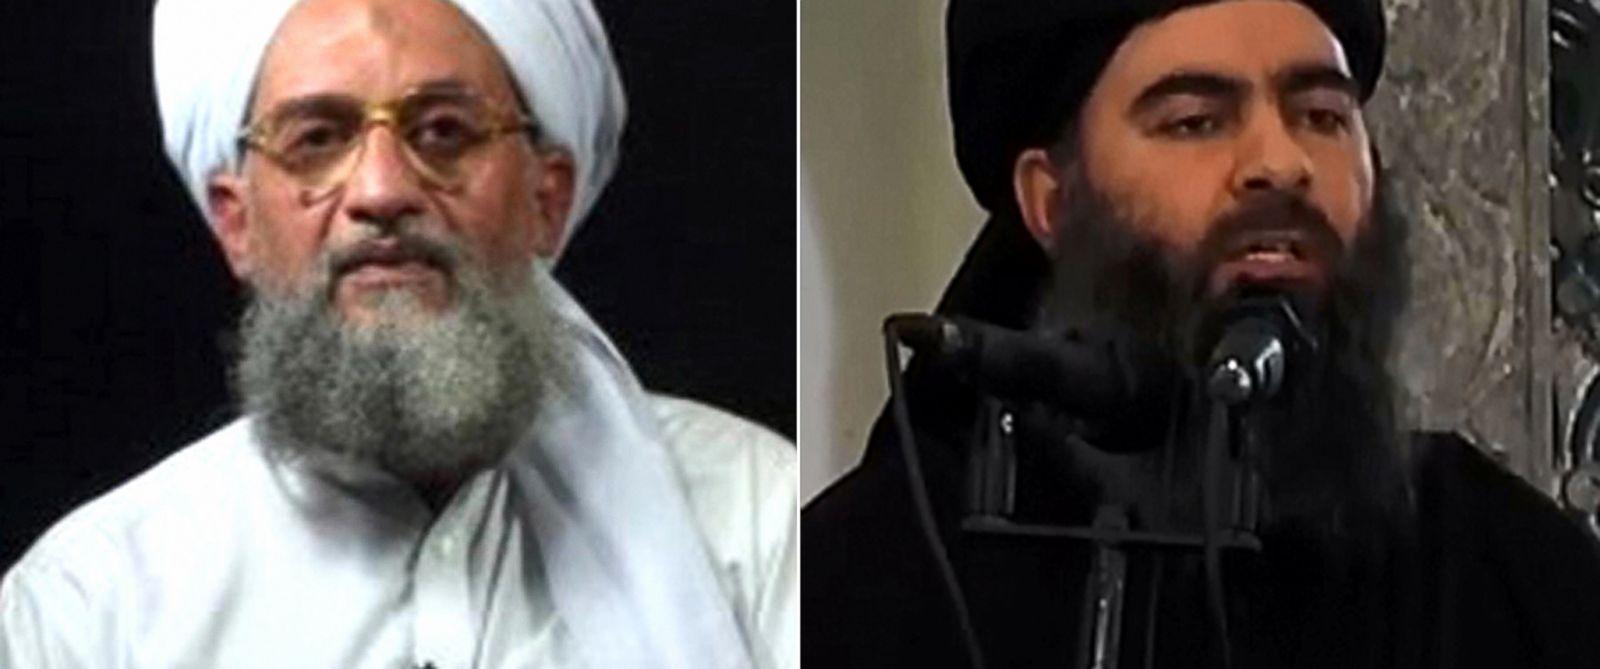 PHOTO: Ayman al-Zawahiri   Abu Bakr al-Baghdadi